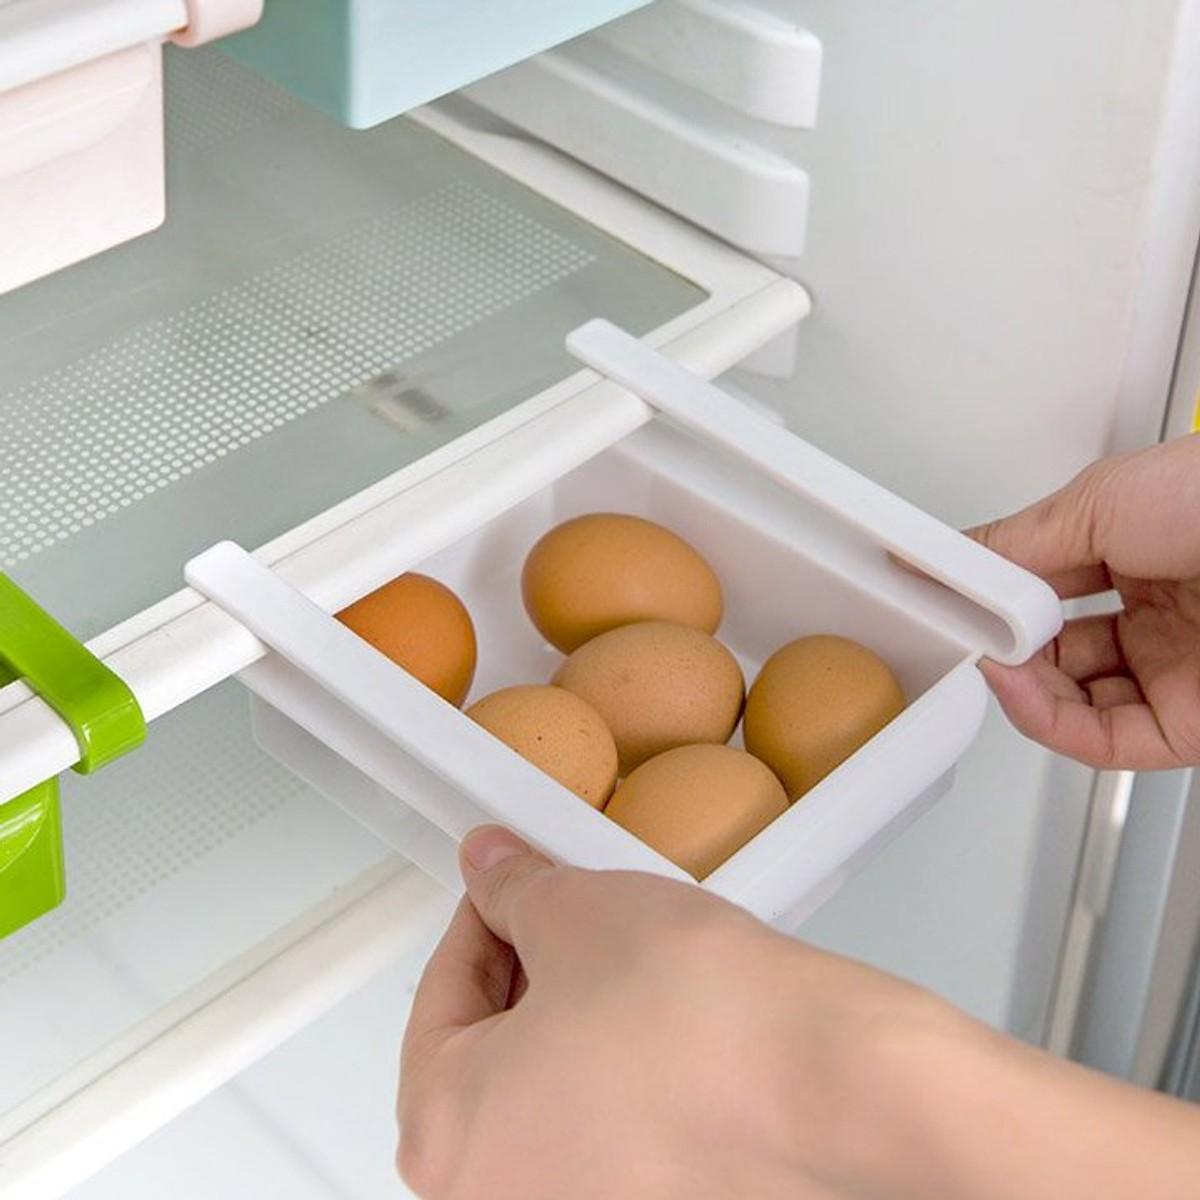 Bộ 4 Khay Để Tủ Lạnh Chứa Đựng Thực Phẩm Tiện Ích Hàng VNCLC